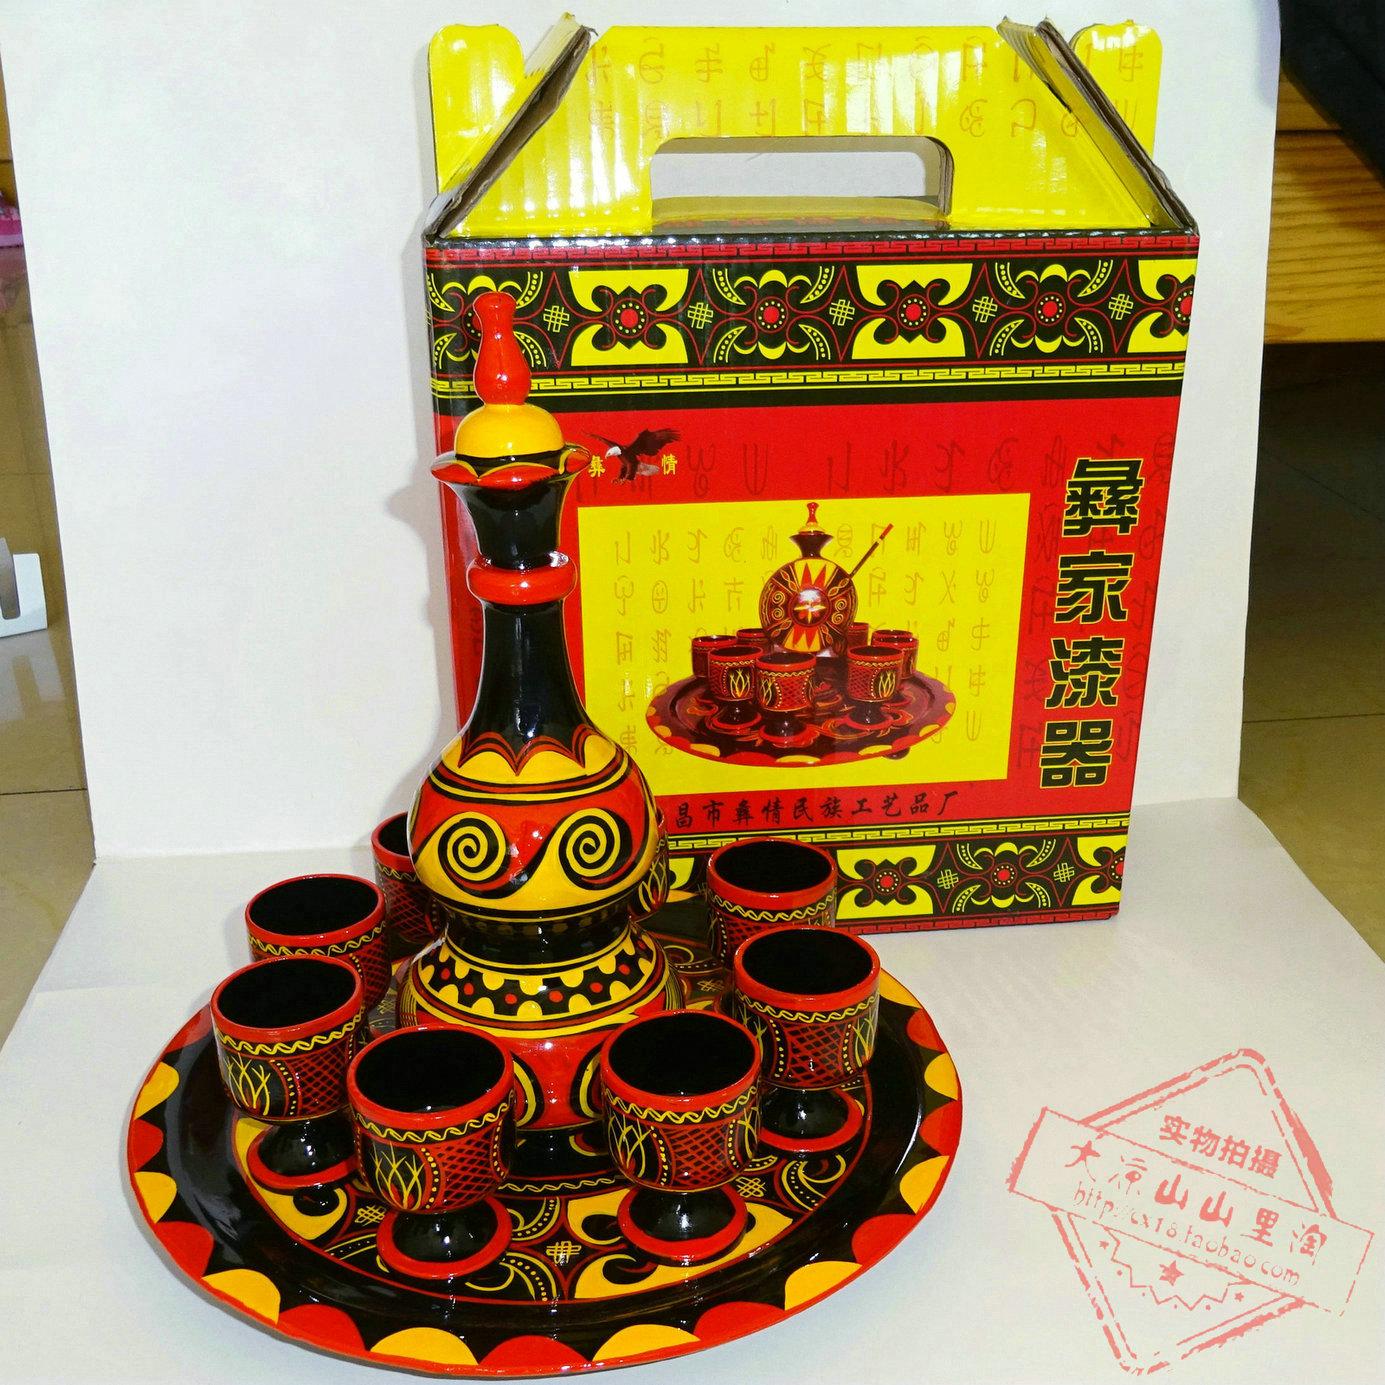 Бесплатная доставка большой прохладно гора Yi гонка люди между краски устройство окрашенный исключительно вручную искусство статья тыква ликер чайный набор подарок s качели установить